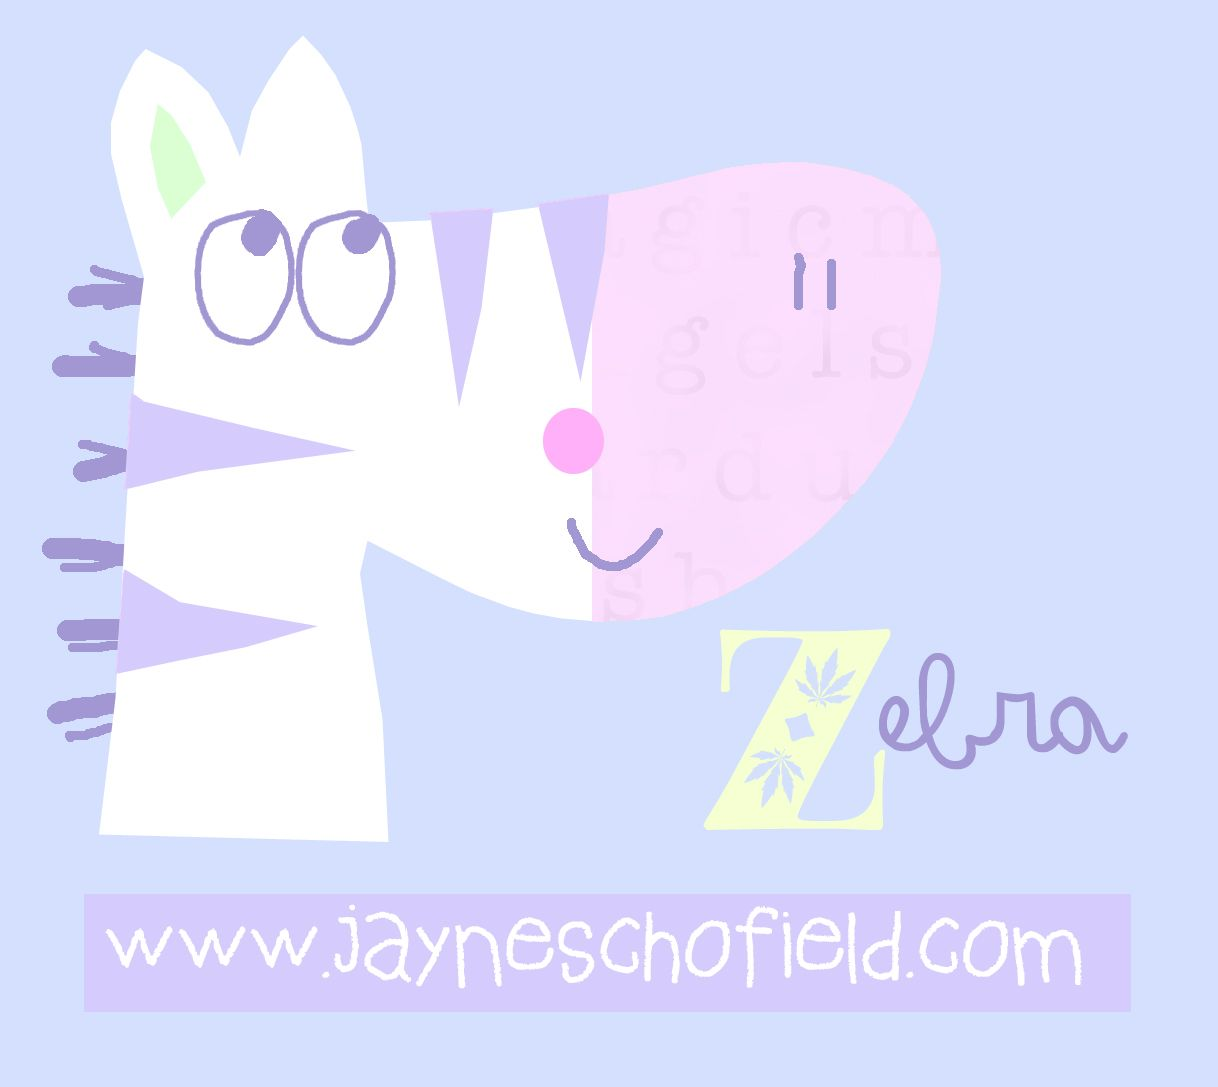 Zebra by @jayne evangelista Schofield Jayne Schofield